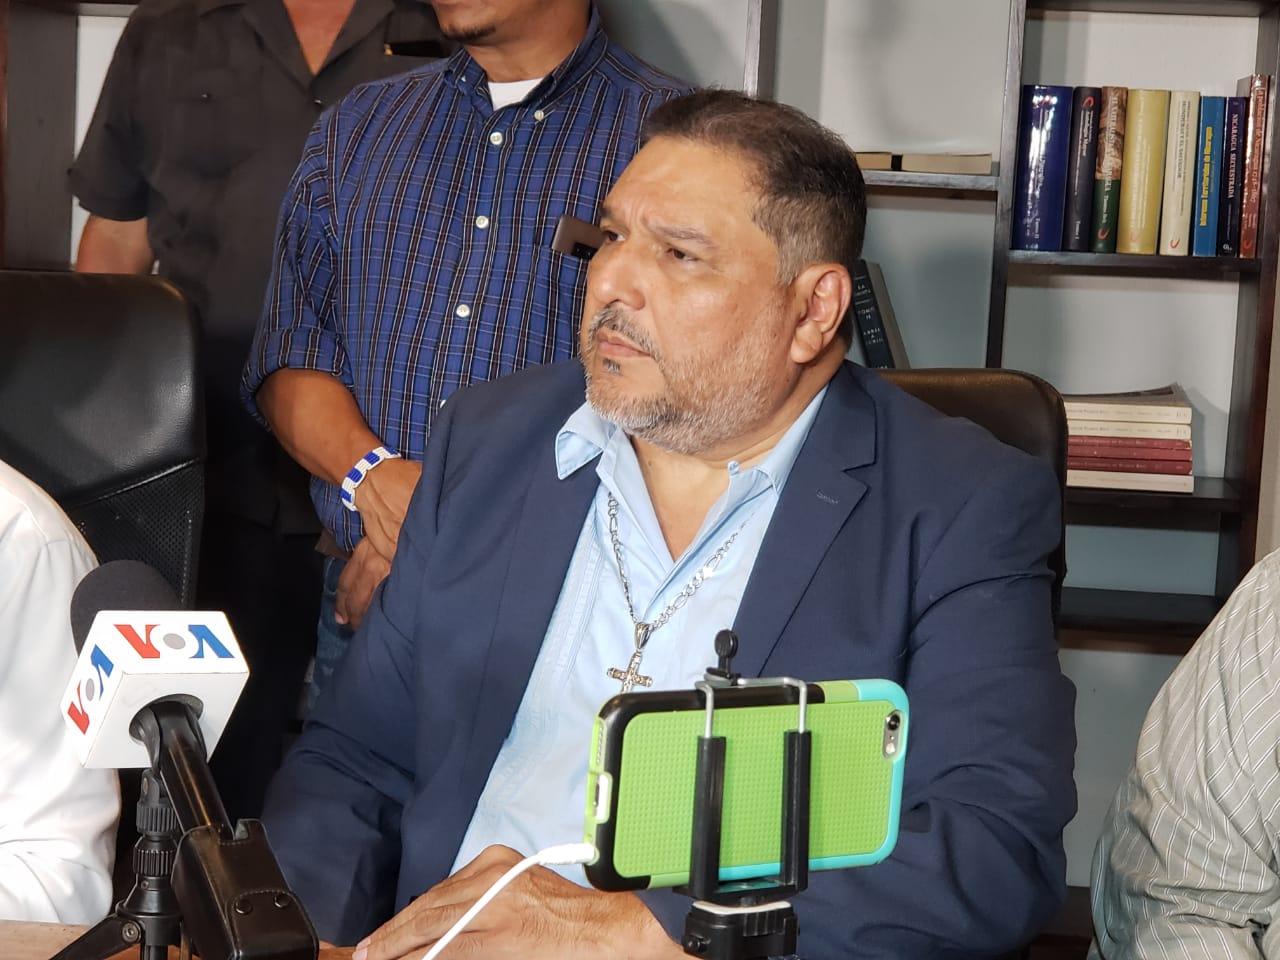 Abogado y notario público Manuel Urbina Lara. Foto: Geovanny Shiffman/Artículo 66